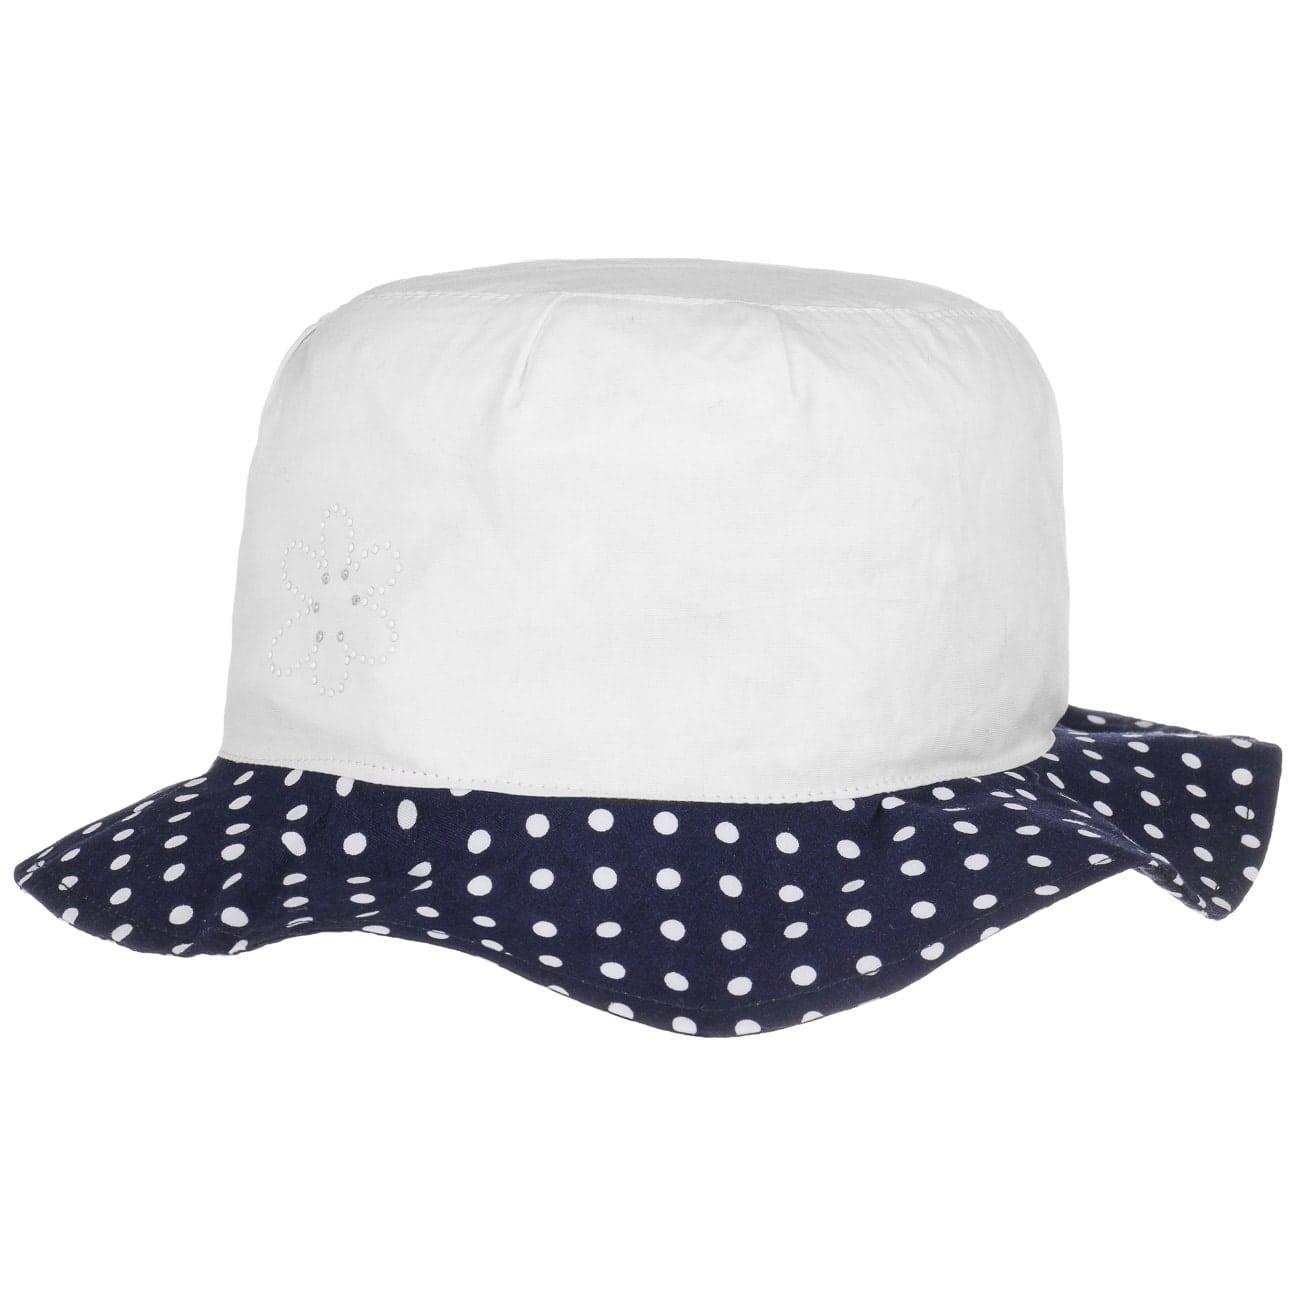 Chapeau pour Enfant Twotone by maximo chapeau de plage 87e1331305a